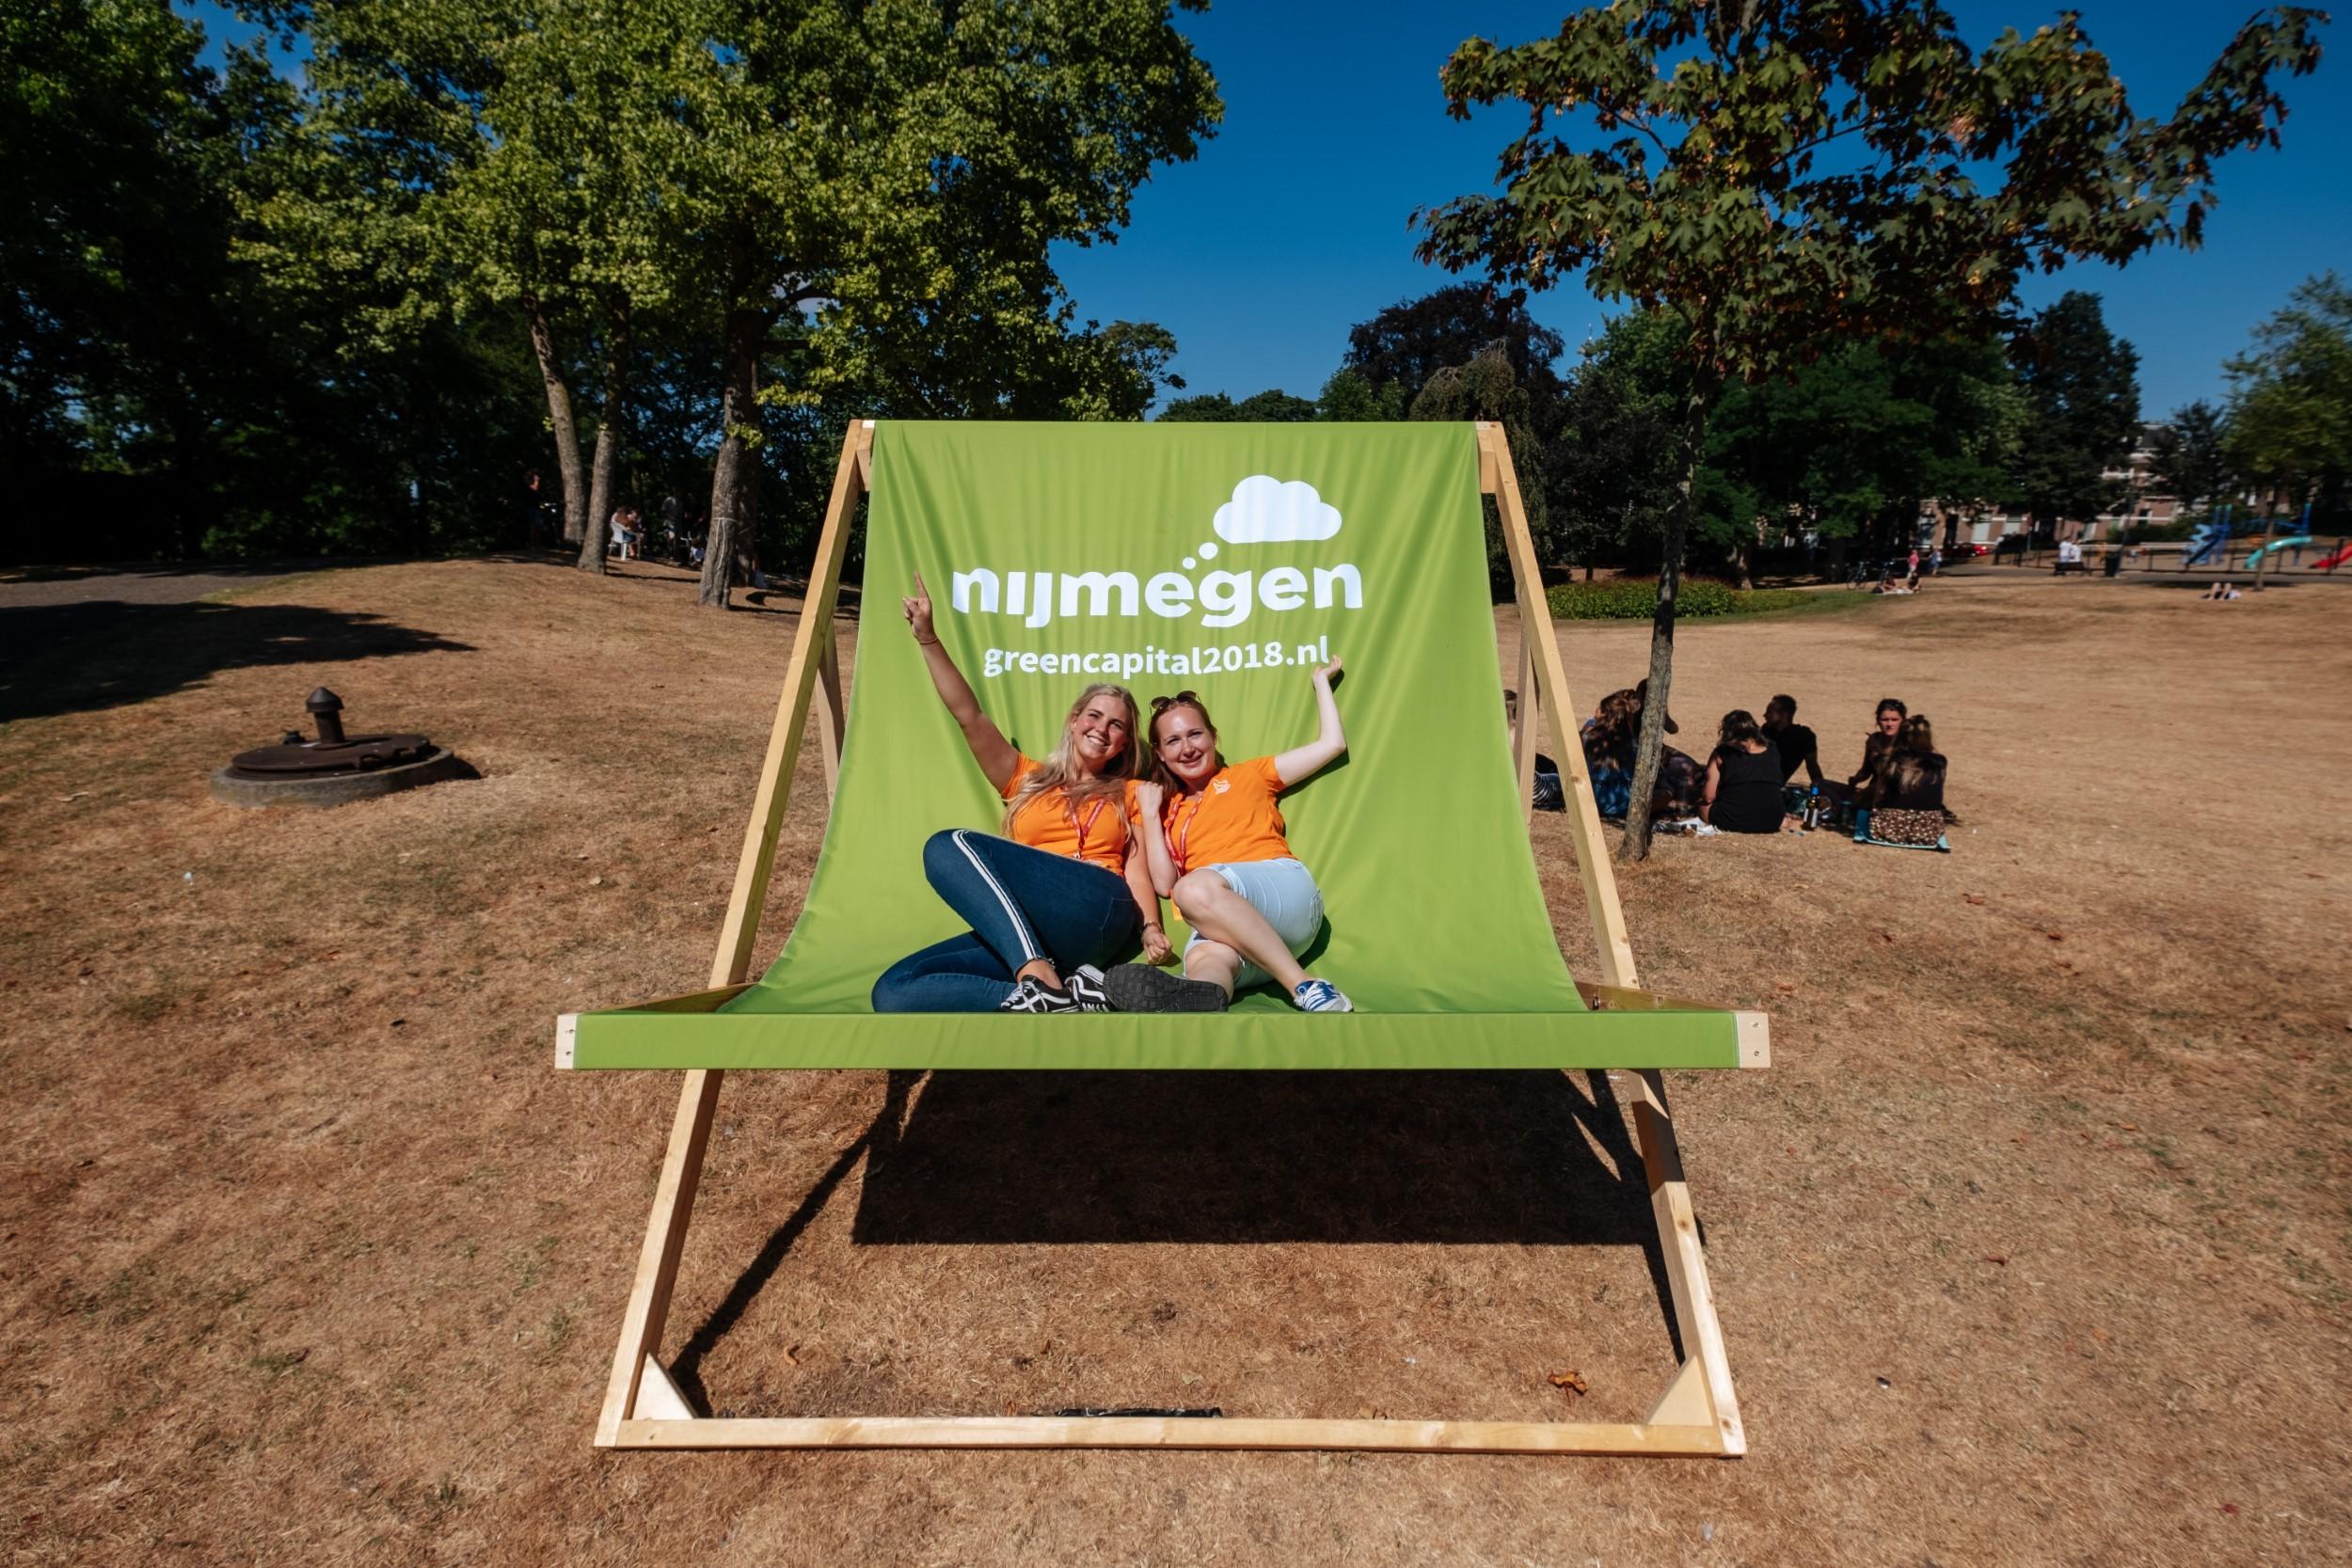 Panora-Me-Nijmegen_005.JPG